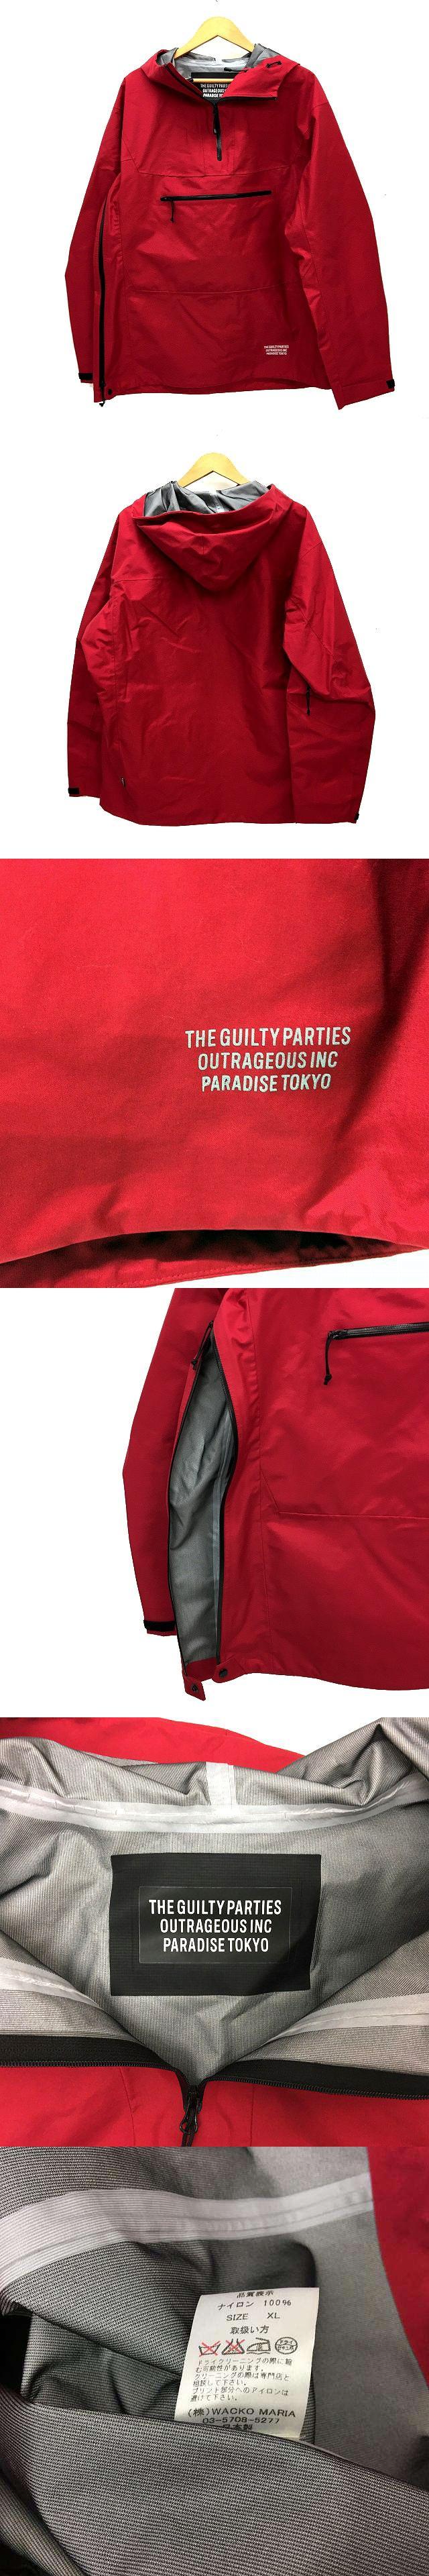 16SS 3L ナイロンアノラック ジャケットマウンテン パーカー プルオーバー サイズ XL 赤 レッド 3LAYER ANORAK JACKET アウター